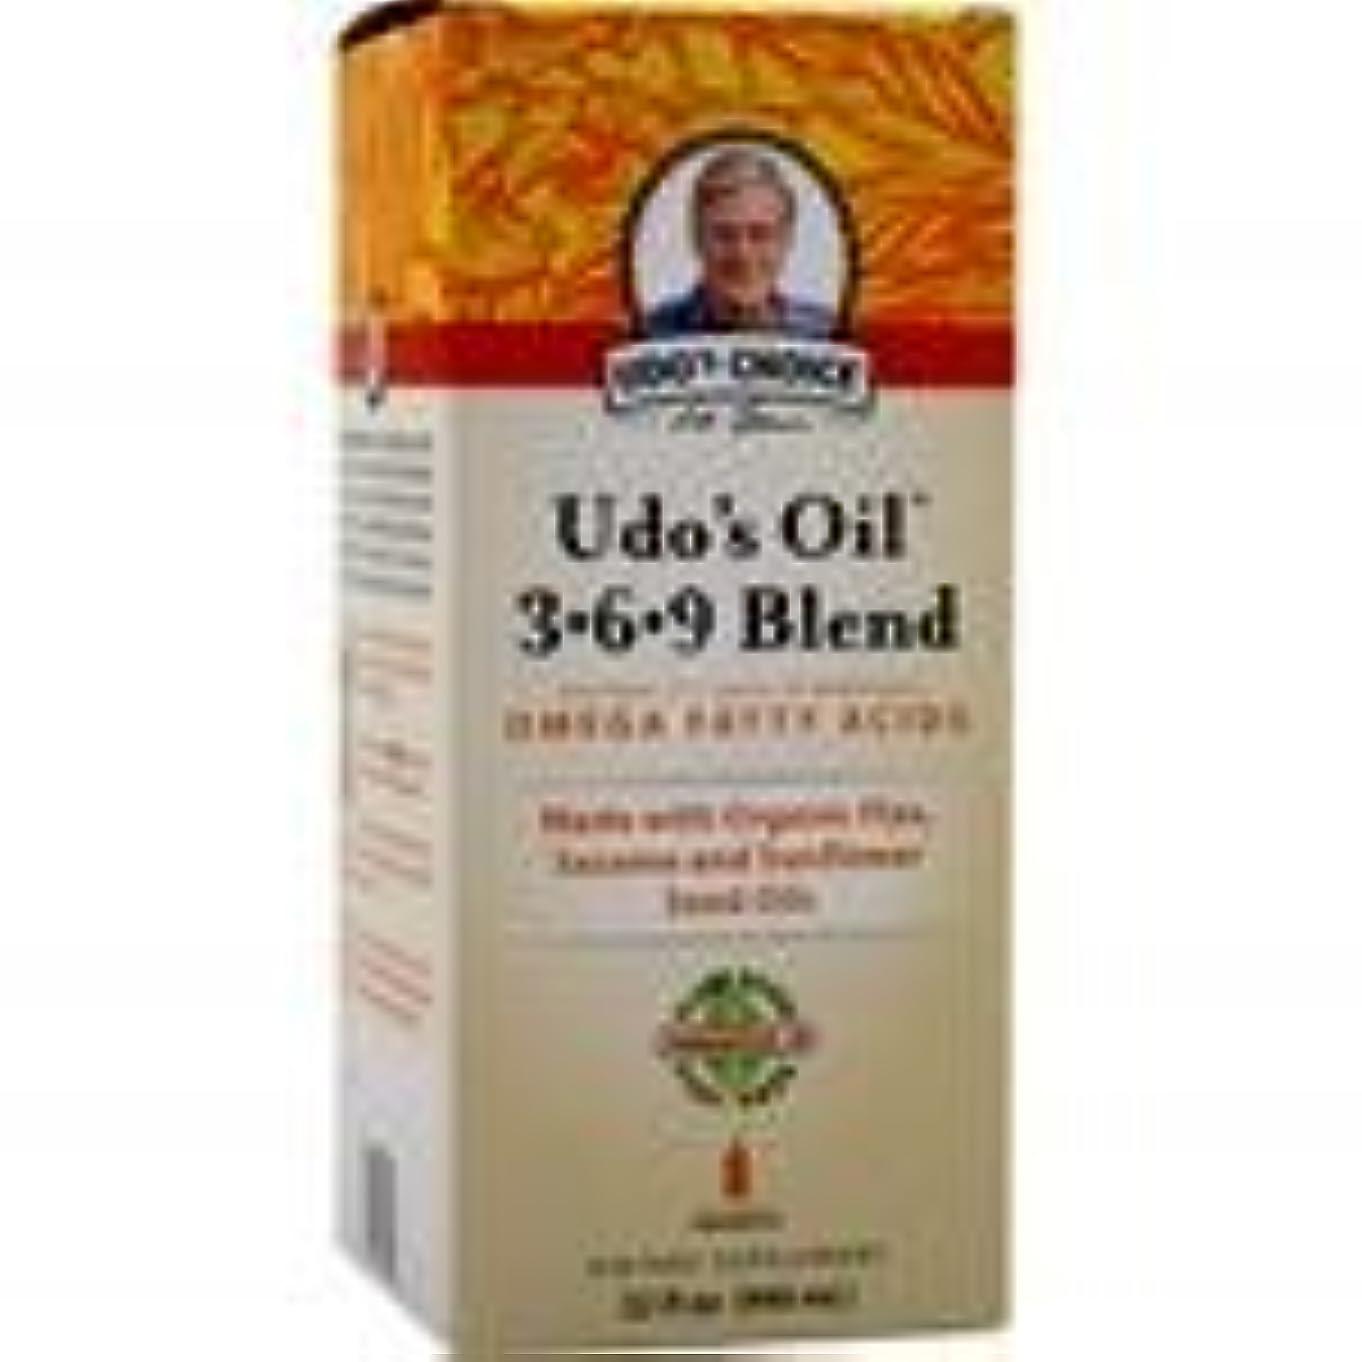 アーカイブ混乱させる擁するUdo's Oil 3-6-9 Blend Liquid 32 fl.oz 4個パック